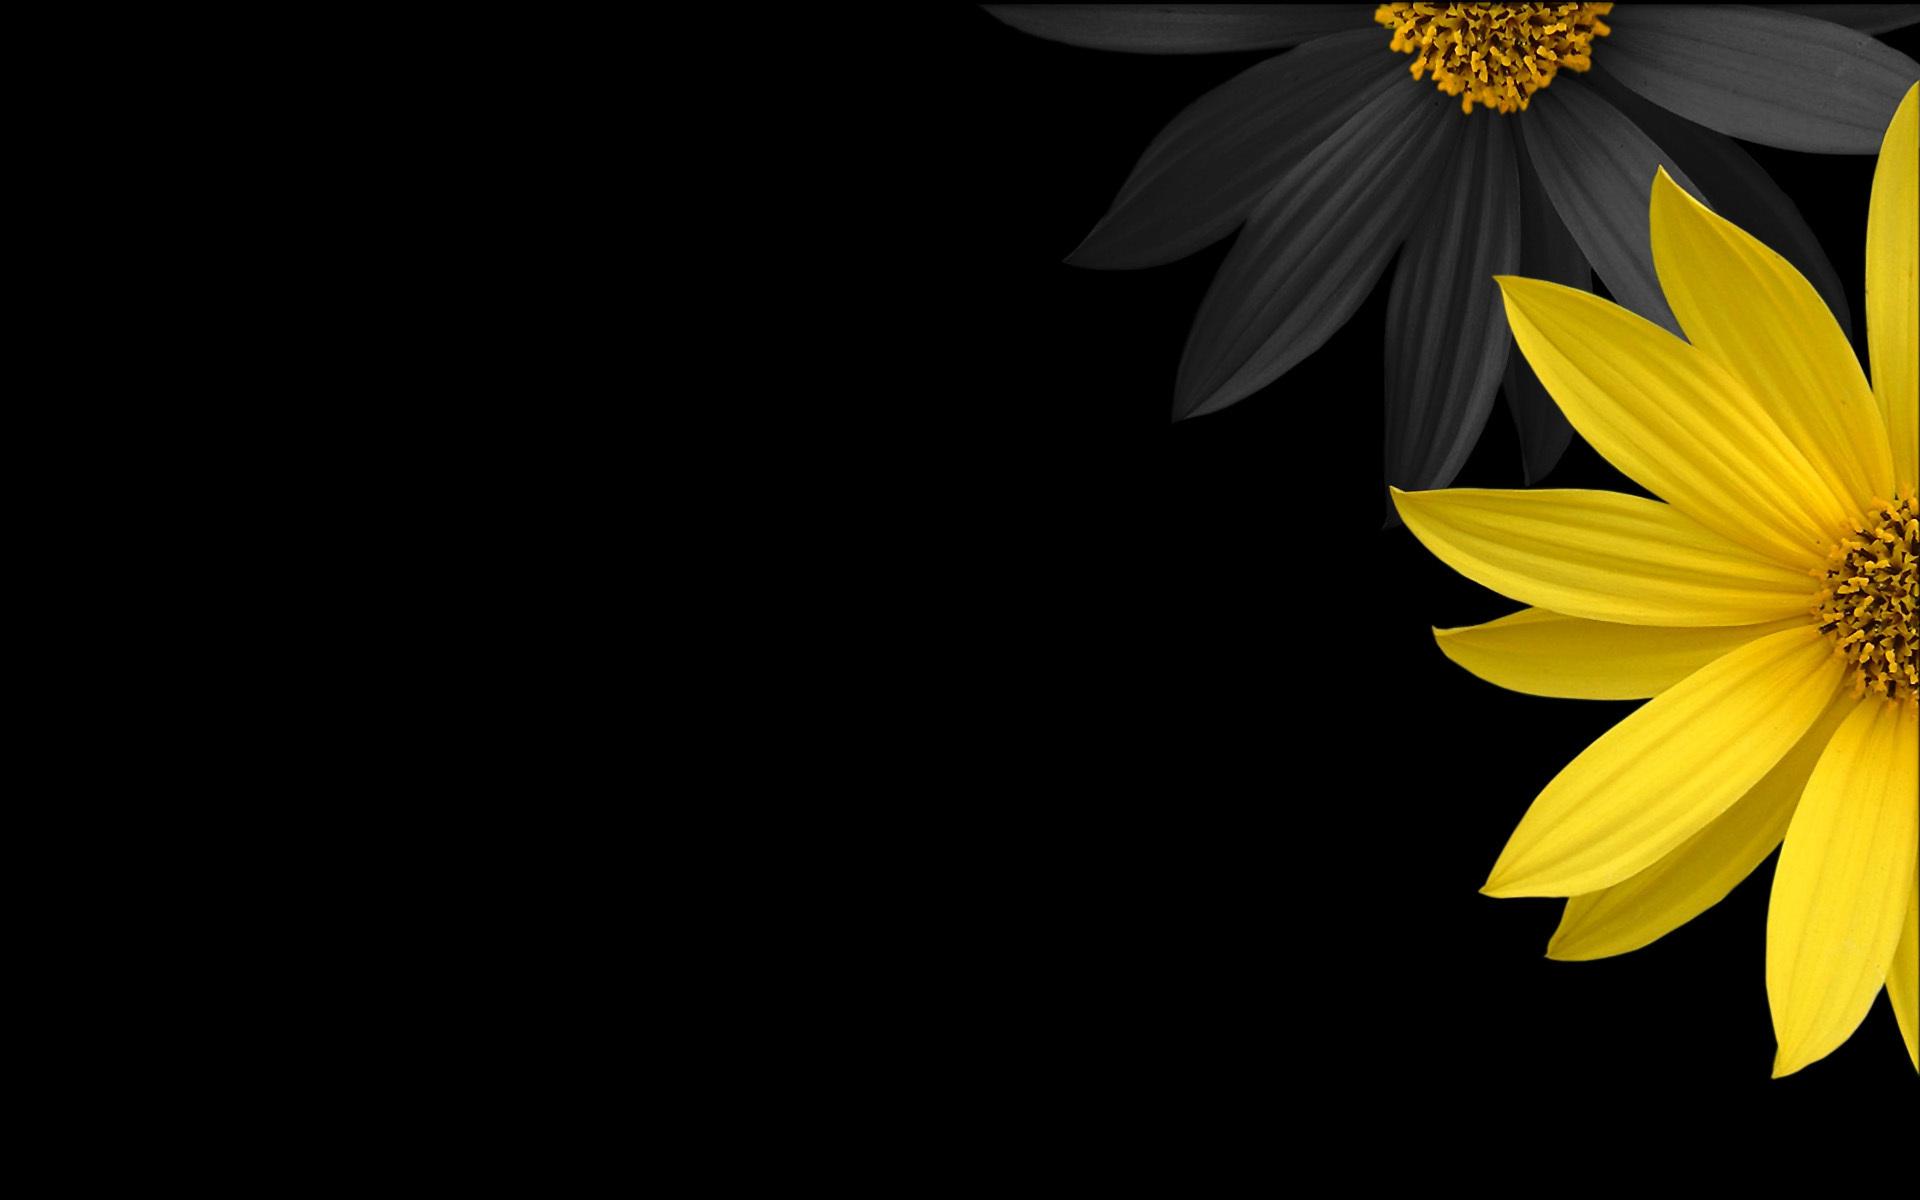 Wallpaper gelbe und schwarze blumen / flowers